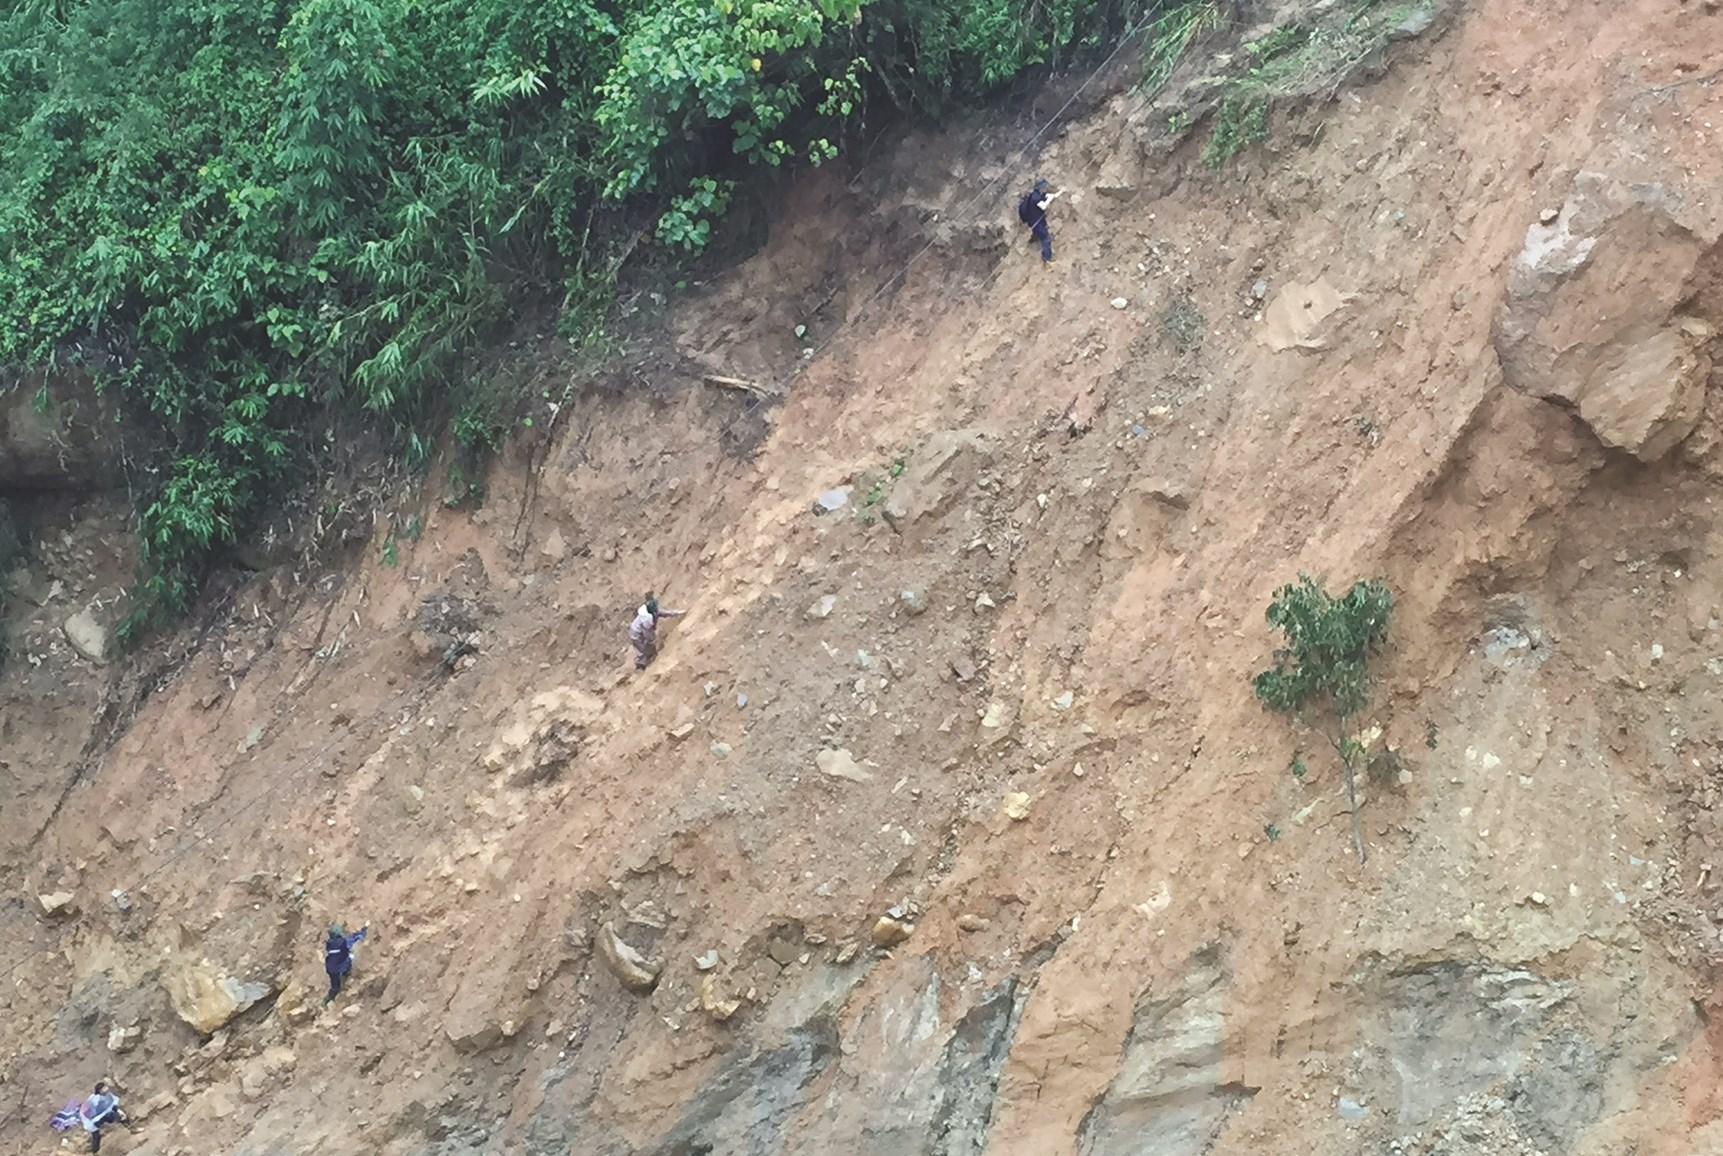 Phóng viên Trọng Bảo, thường trú Tây Bắc cùng đồng nghiệp vào vùng lũ ở huyện Văn Chấn, tỉnh Yên Bái